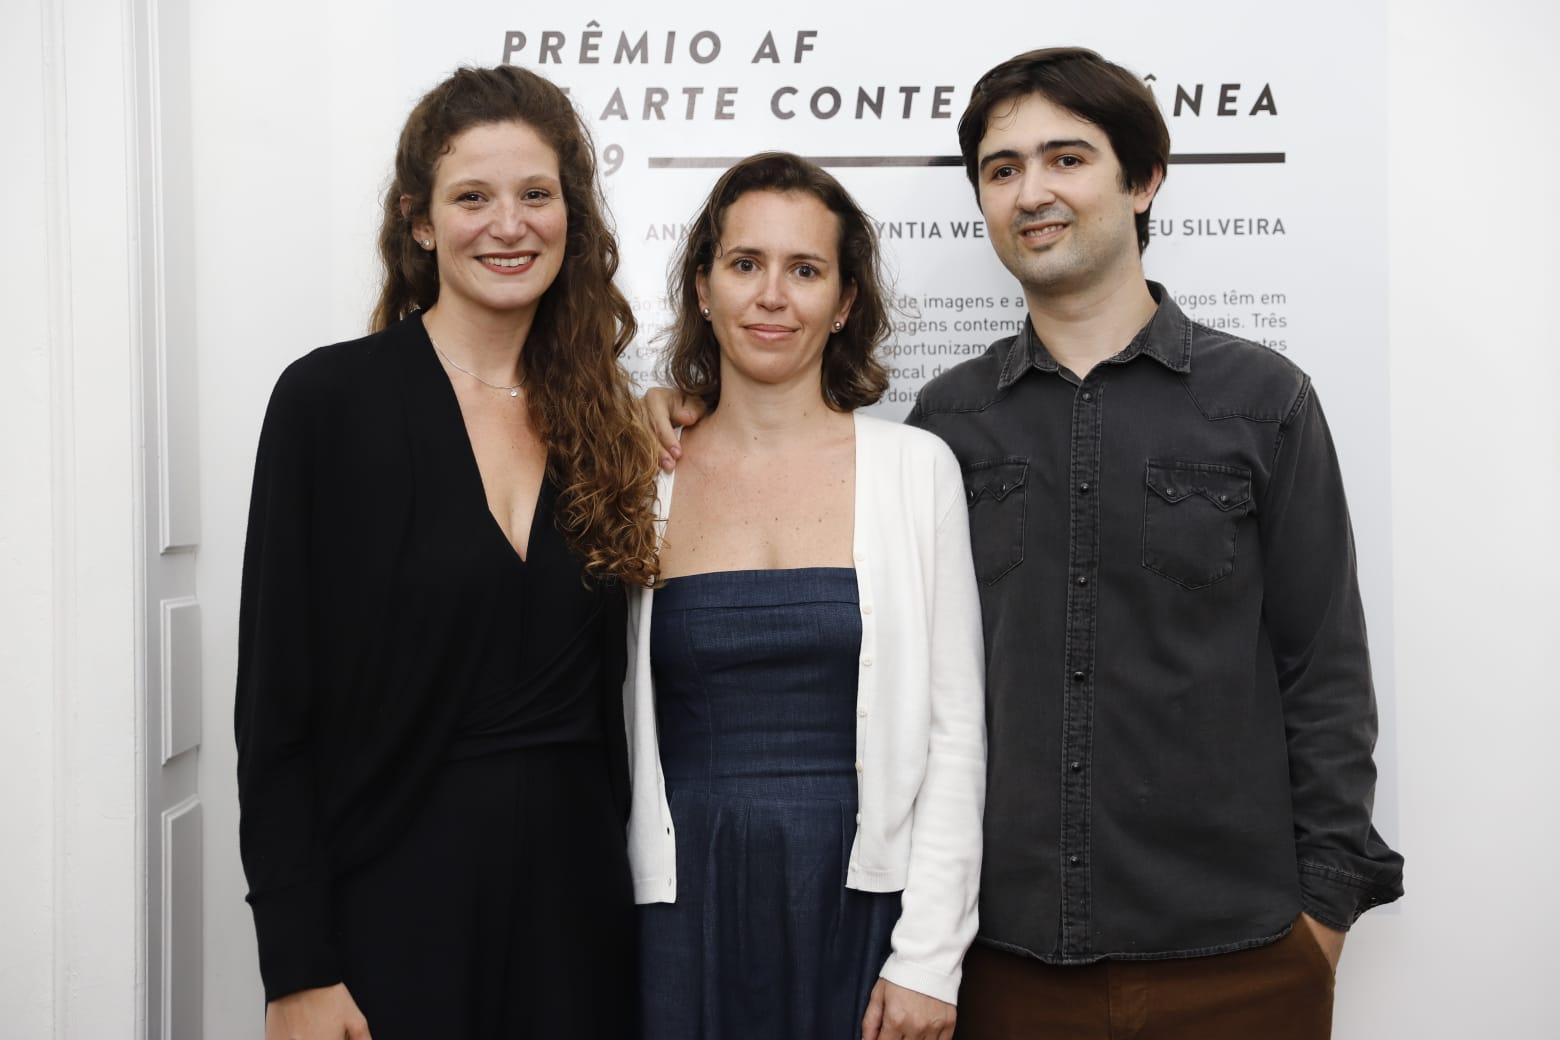 Ana de Moraes, Cyntia Werner e Romeu Silveira - Finalistas do Prêmio AF de Arte 2019 - Foto Eduardo Duks